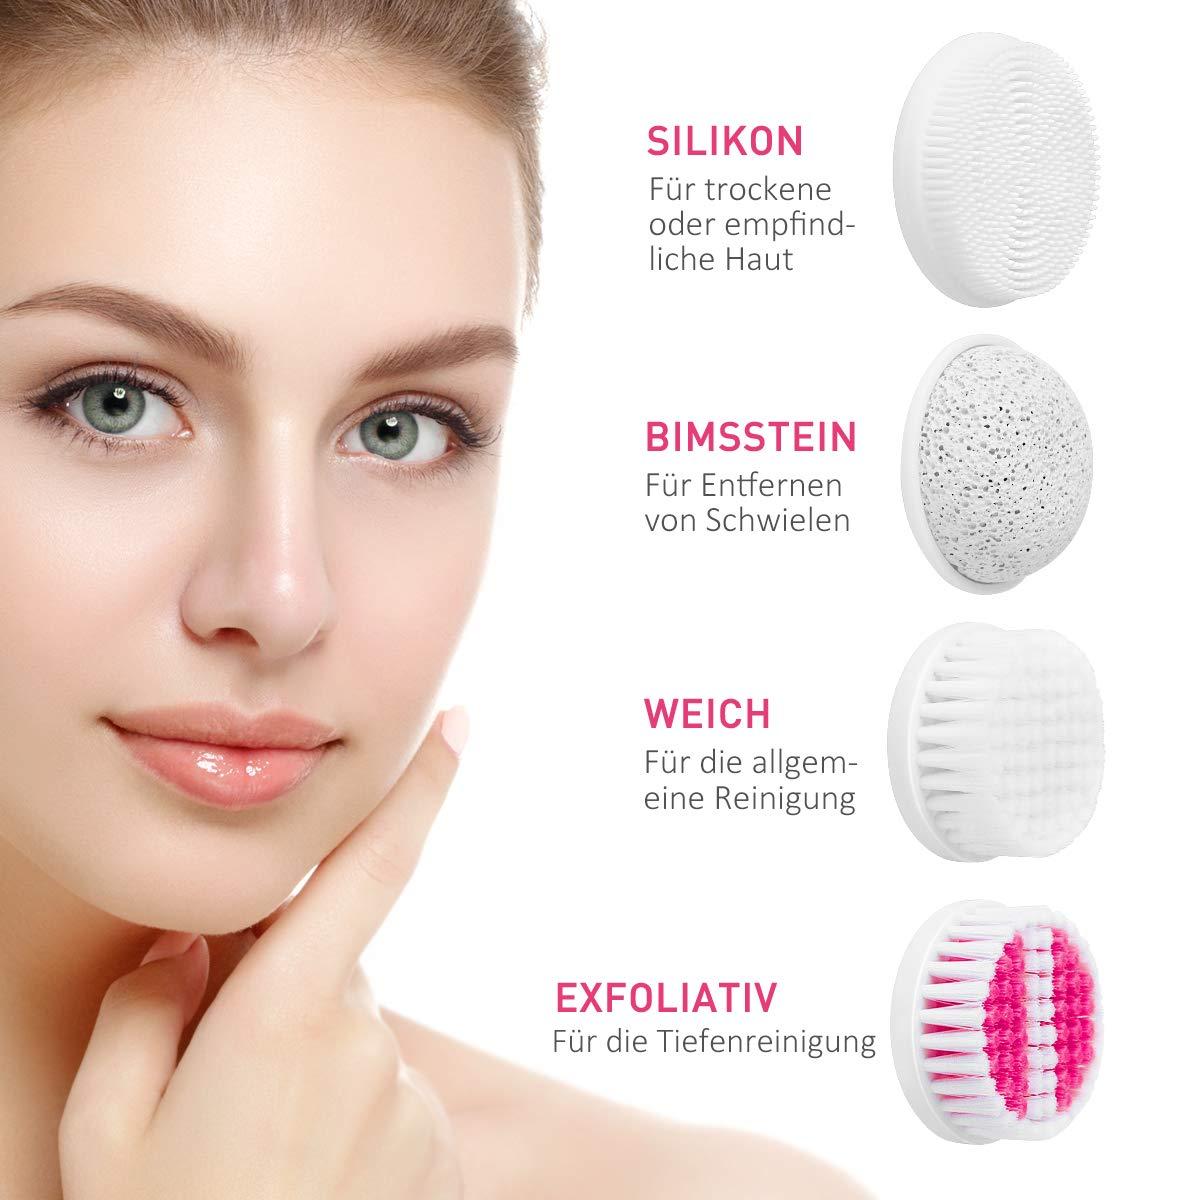 Gesichtsreinigungsbürste,ETEREAUTY Wasserfest elektrisch Gesichtsbürste Reisegröße mit 4 Bürstenköpfen und eine Schützende Reisetaschefür Alle Hauttypen Tägliche Gesichtsreinigung Rosa